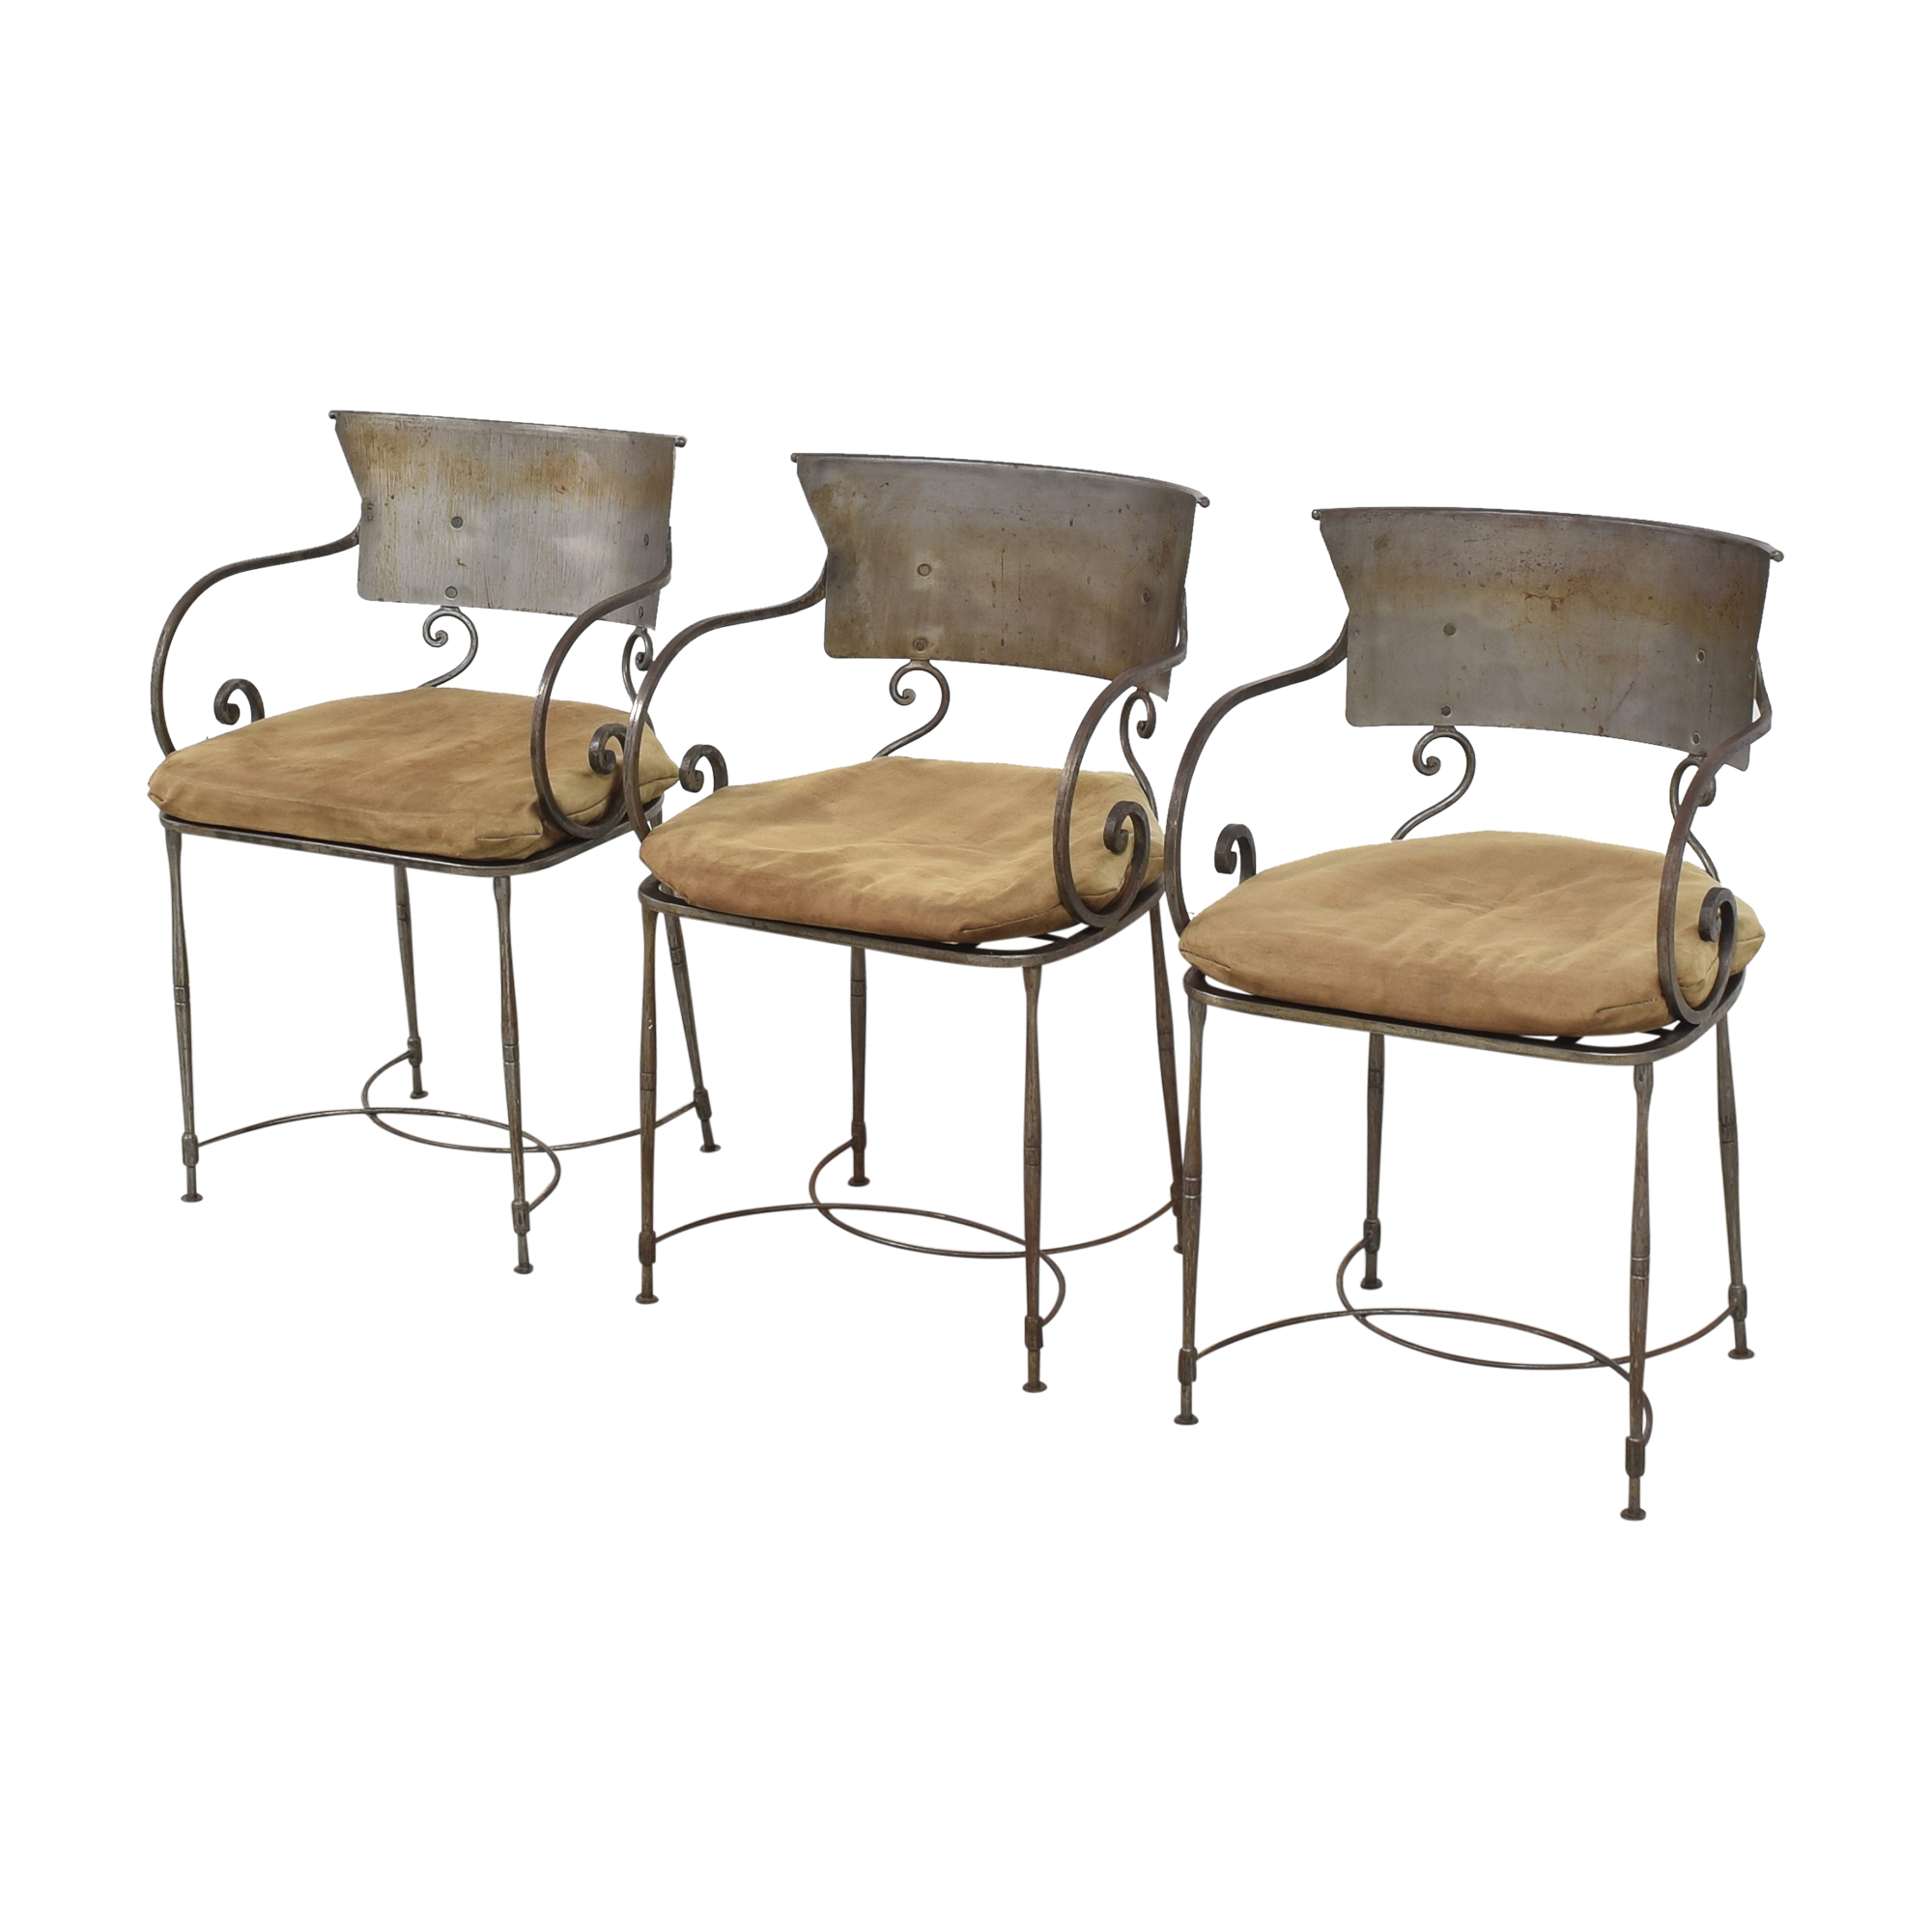 shop Bloomingdale's Bloomingdale's Art Deco-Style Chairs online